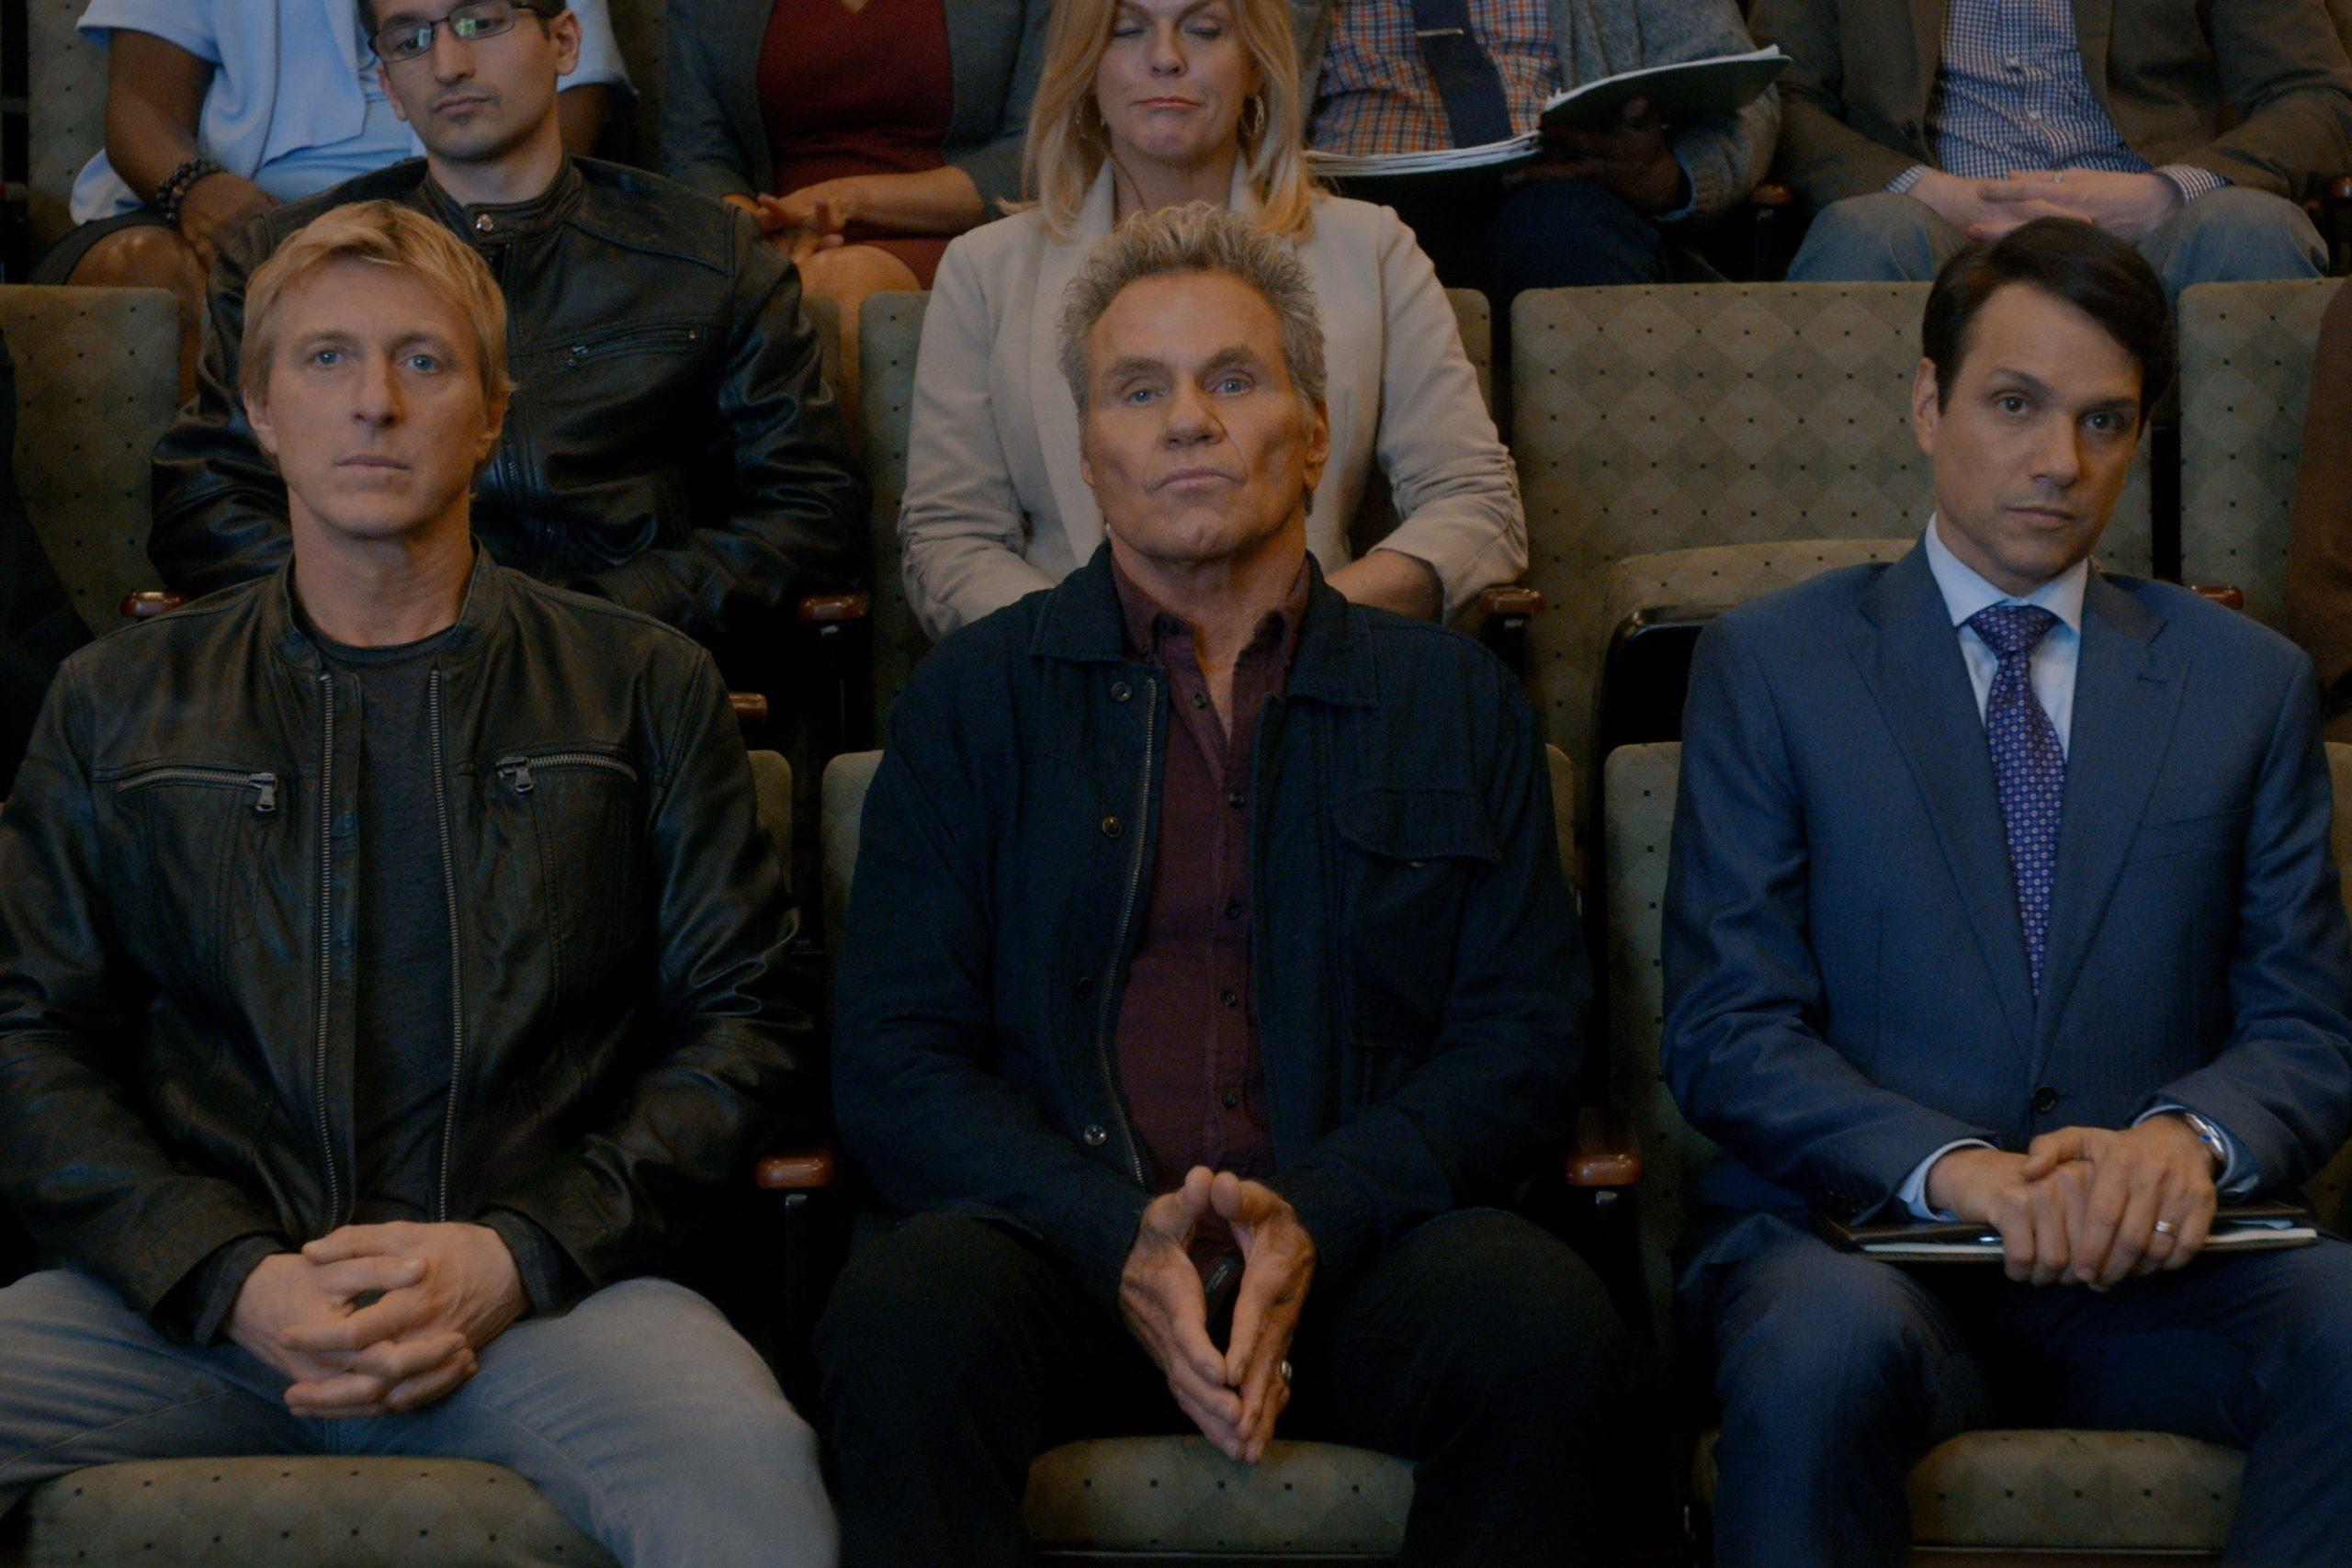 Adultos sentados nas cadeiras de um auditório, olhando para a frente